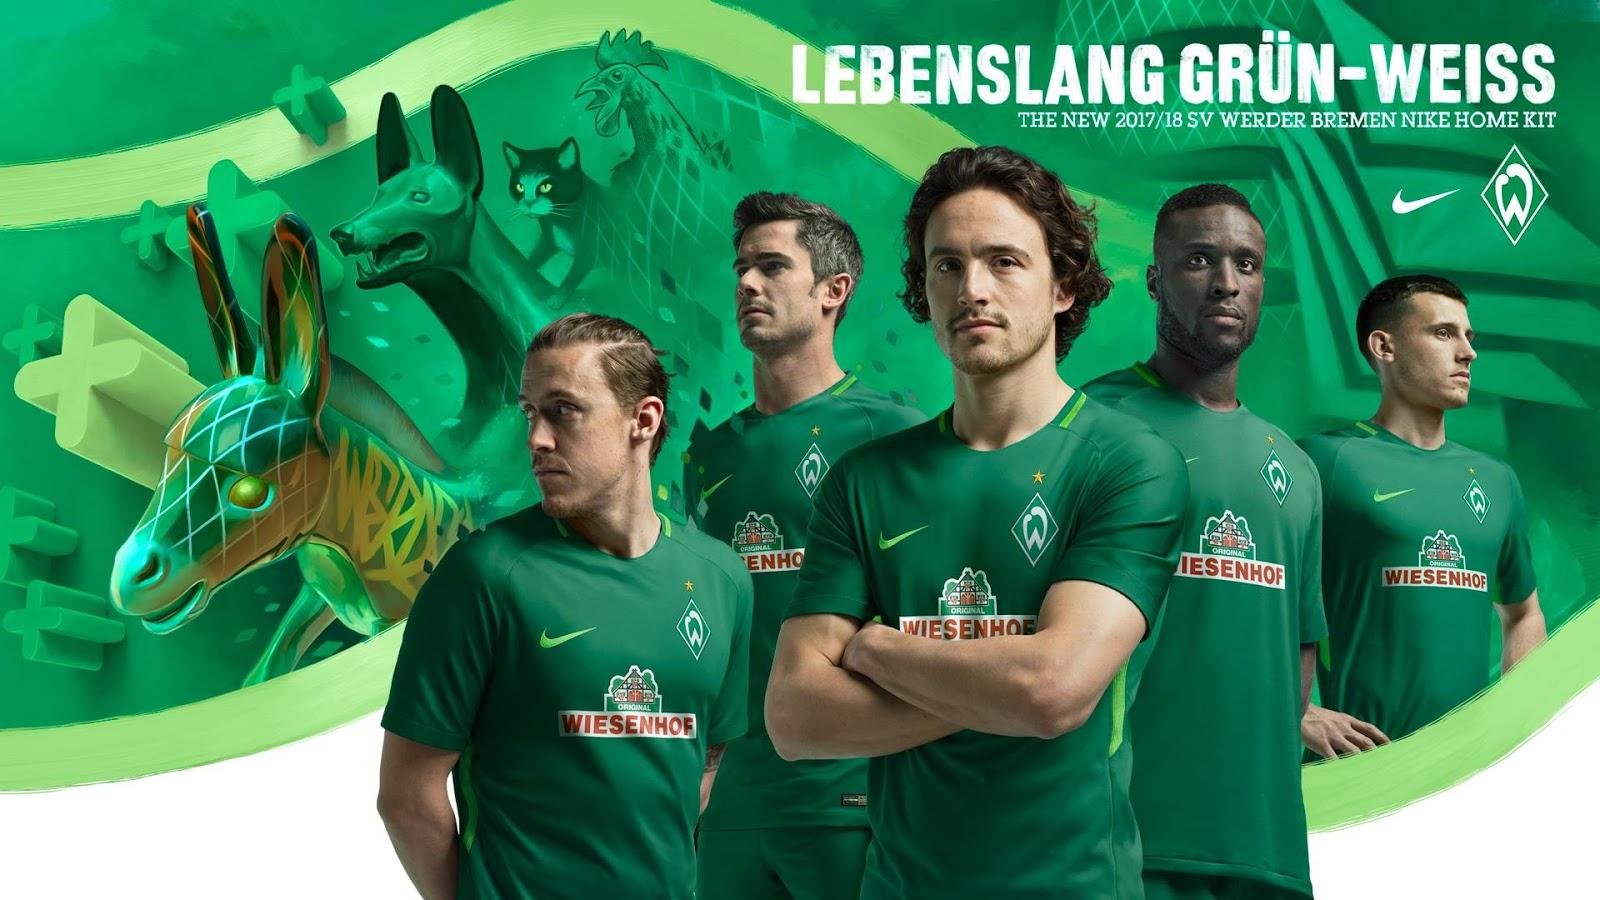 Werder Bremen Voetbalshirts 2017 2018 Voetbalshirtscom